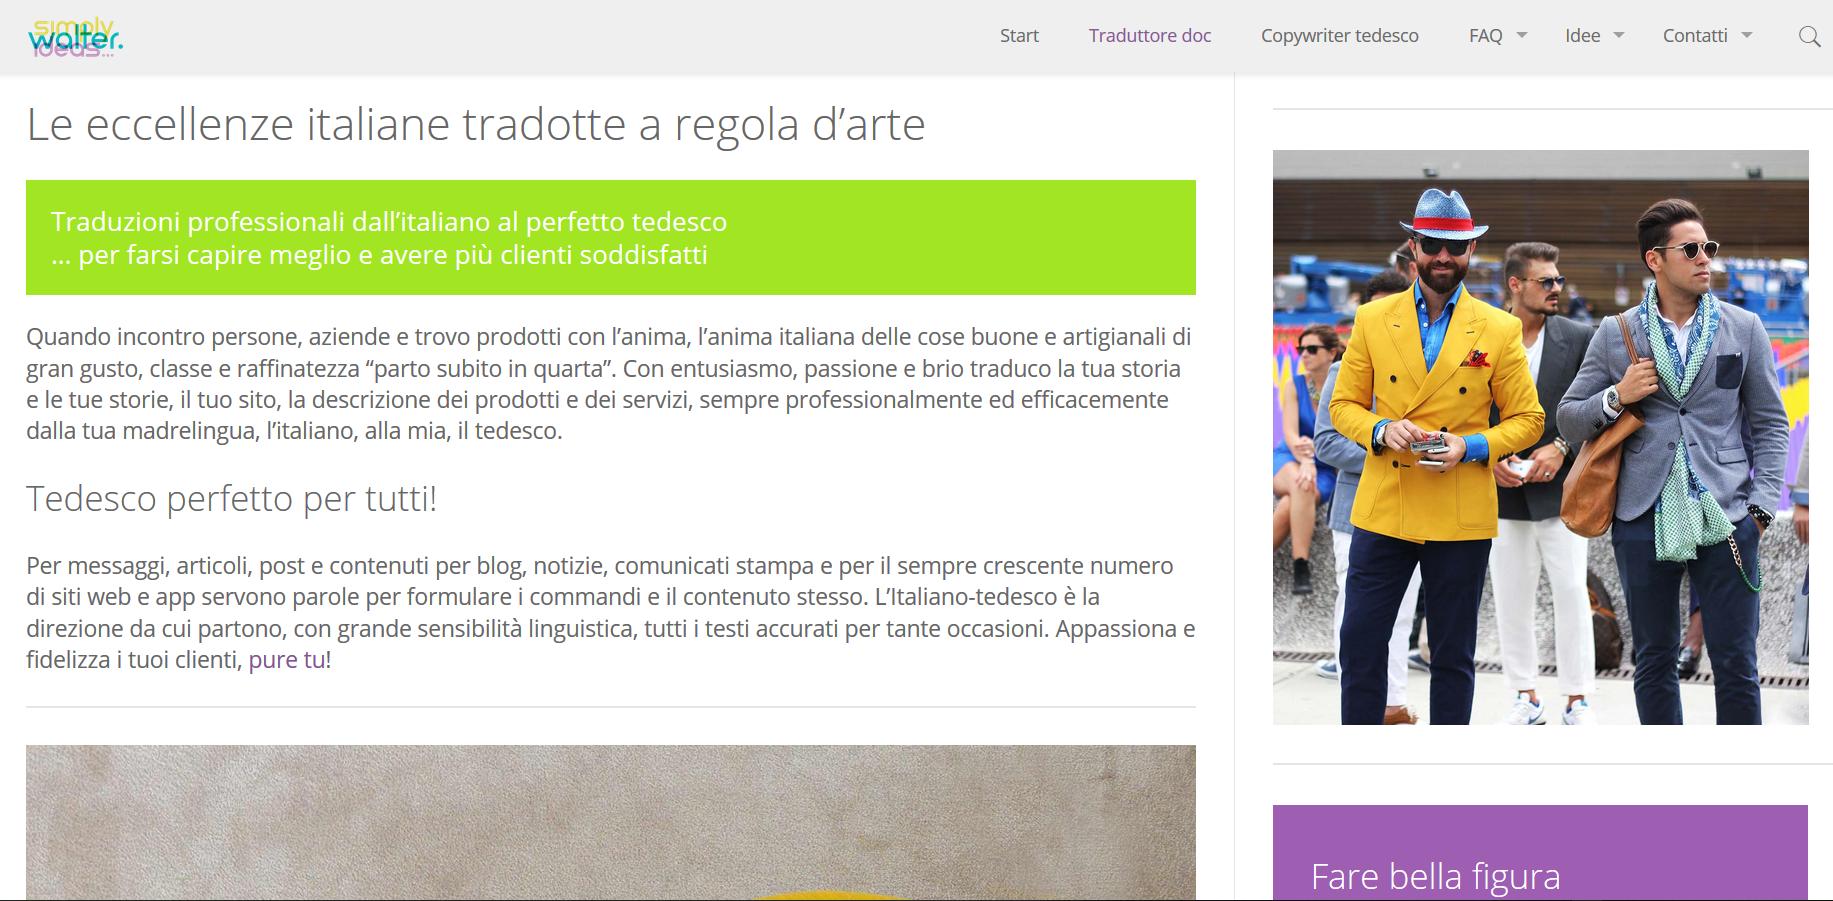 Screenshot della pagina traduttore doc del sito simply walter